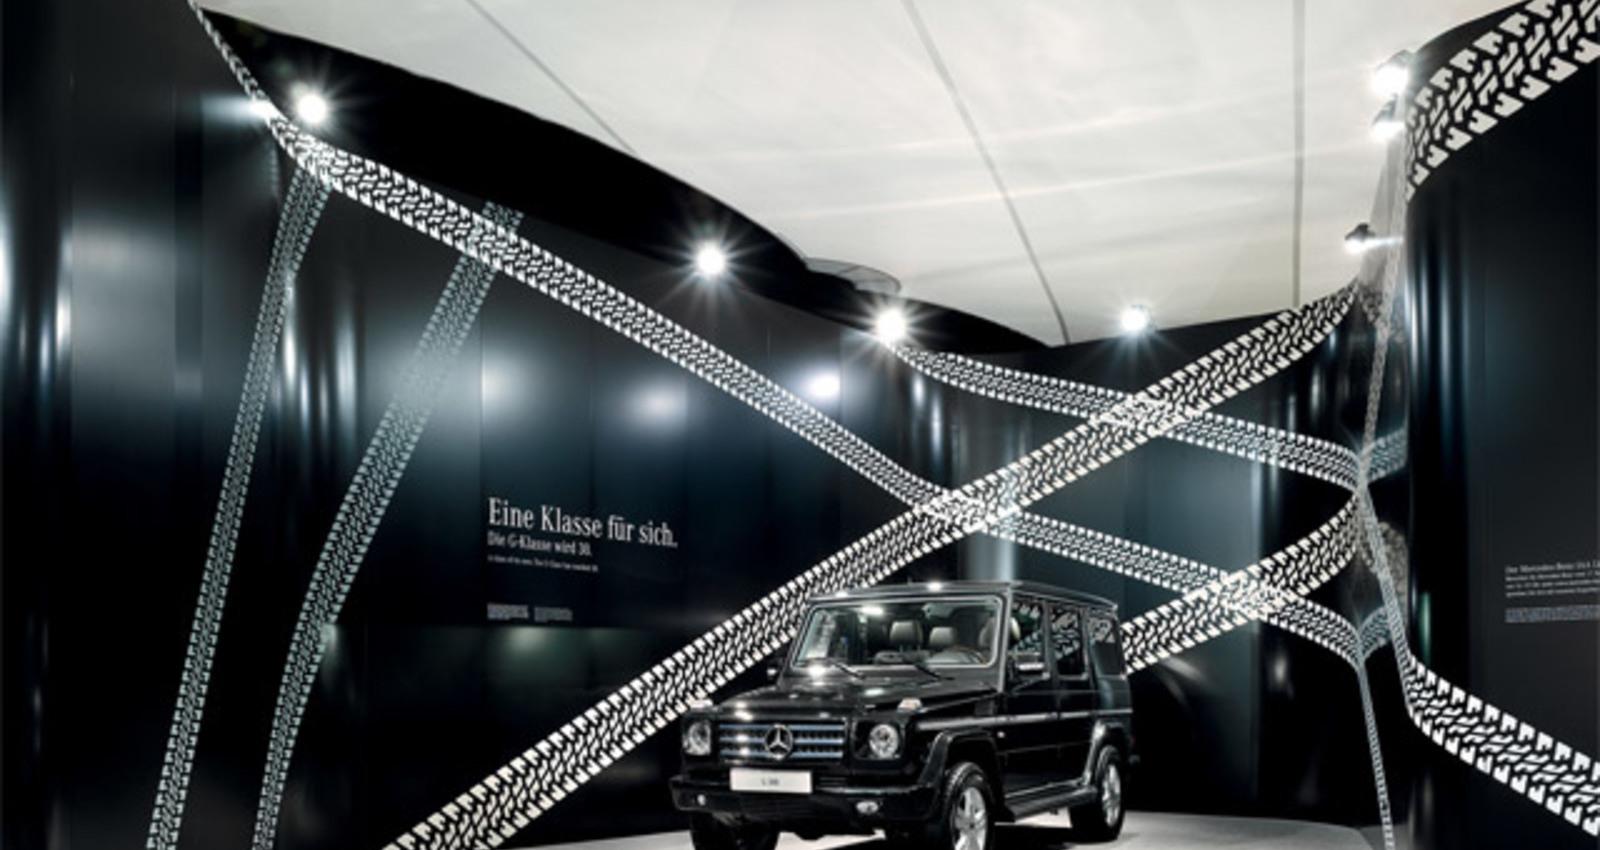 Mercedes-Benz at IAA 2009